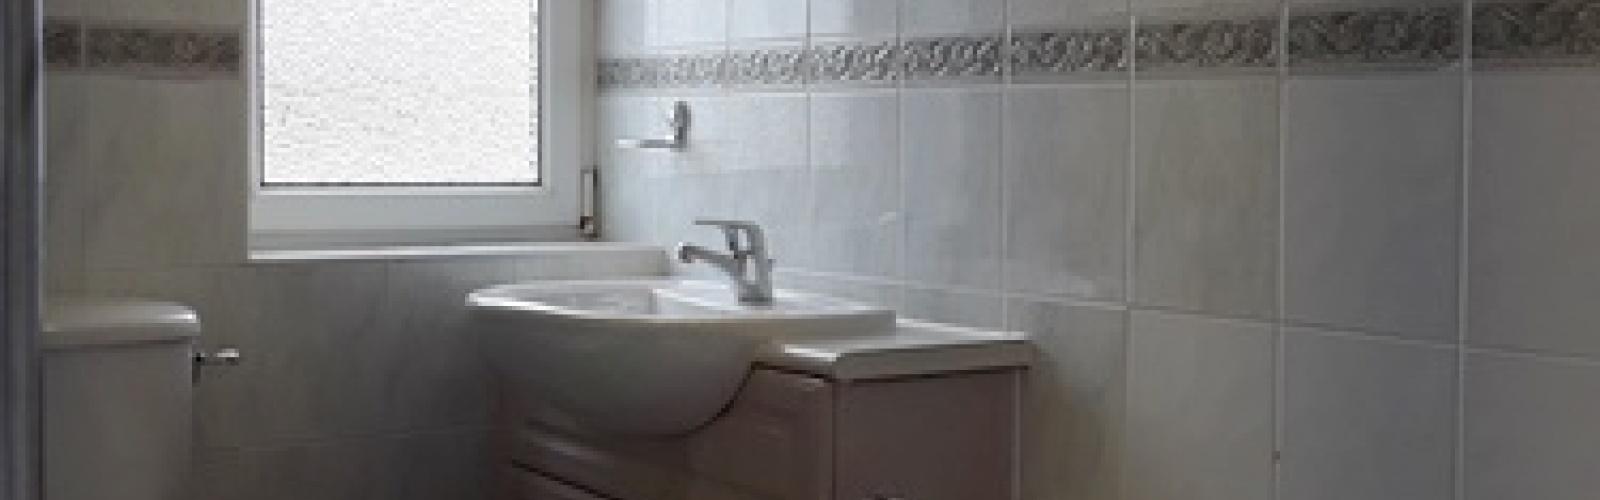 2 Bedrooms Bedrooms,1 BathroomBathrooms,Flat,1052